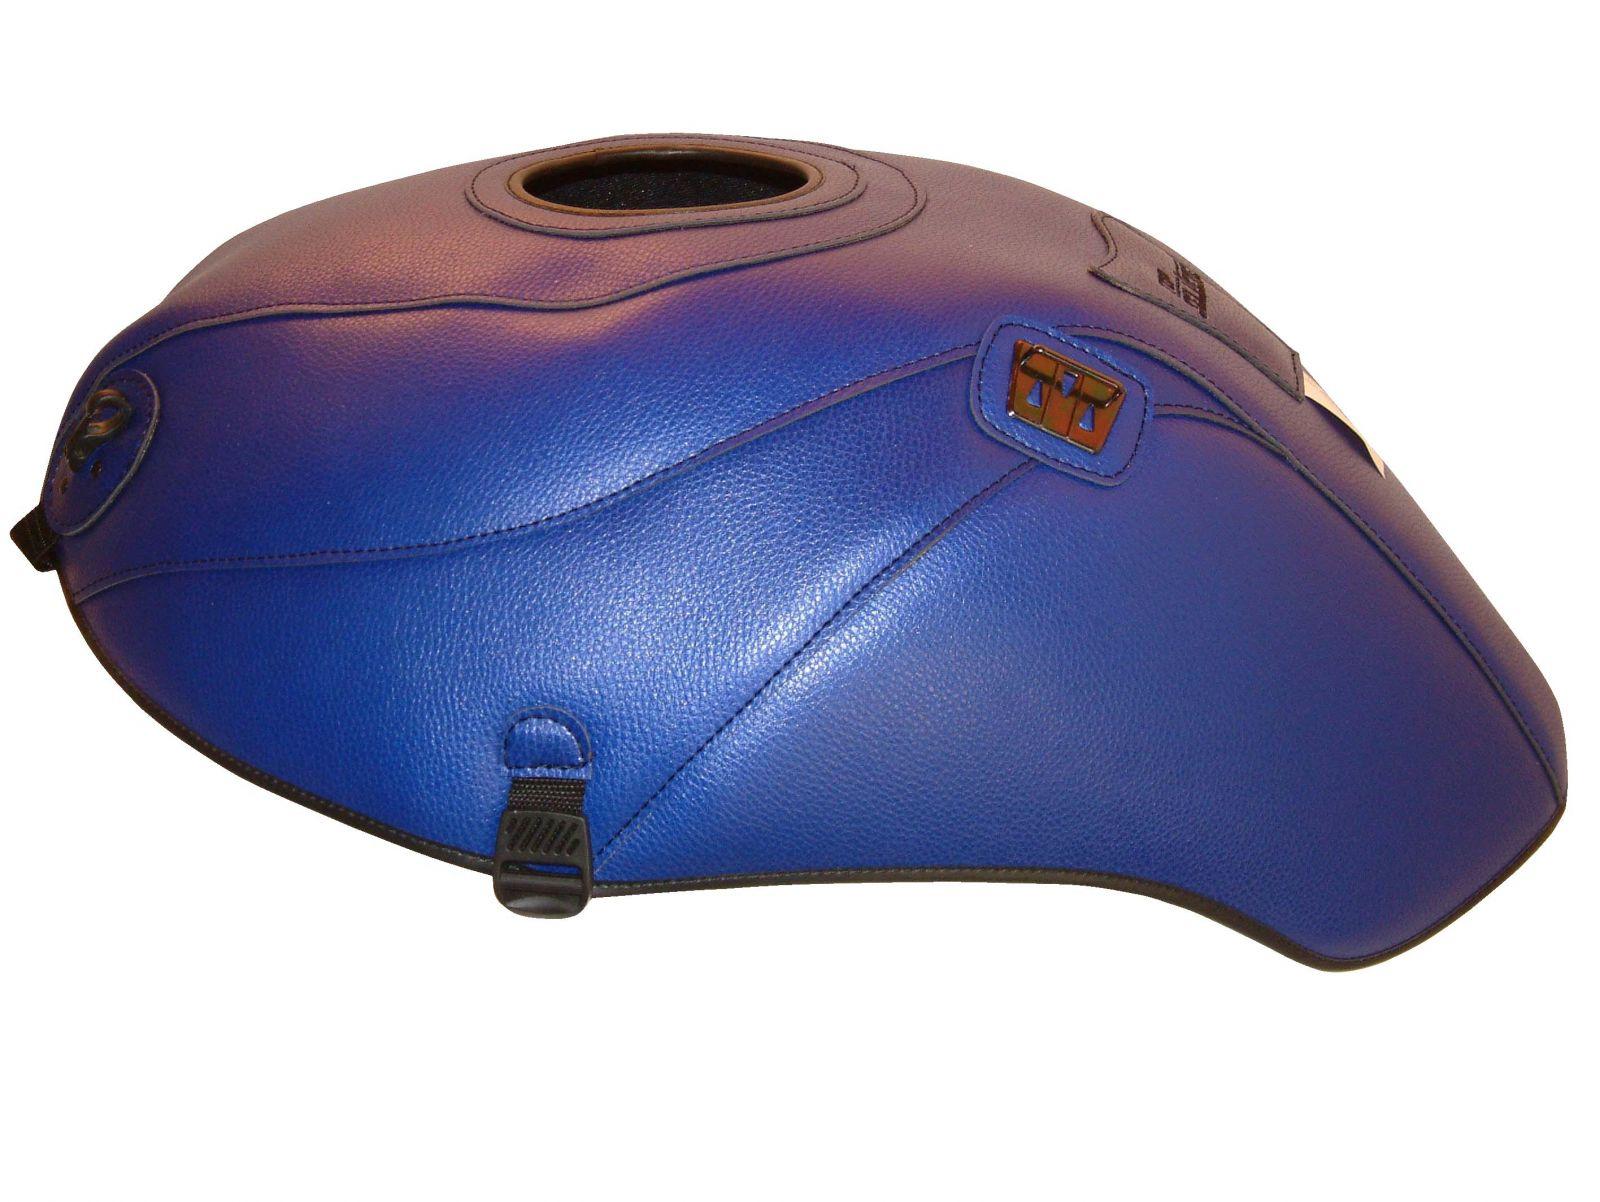 Capa de depósito TPR5611 - SUZUKI BANDIT 1200 [1995-1999]